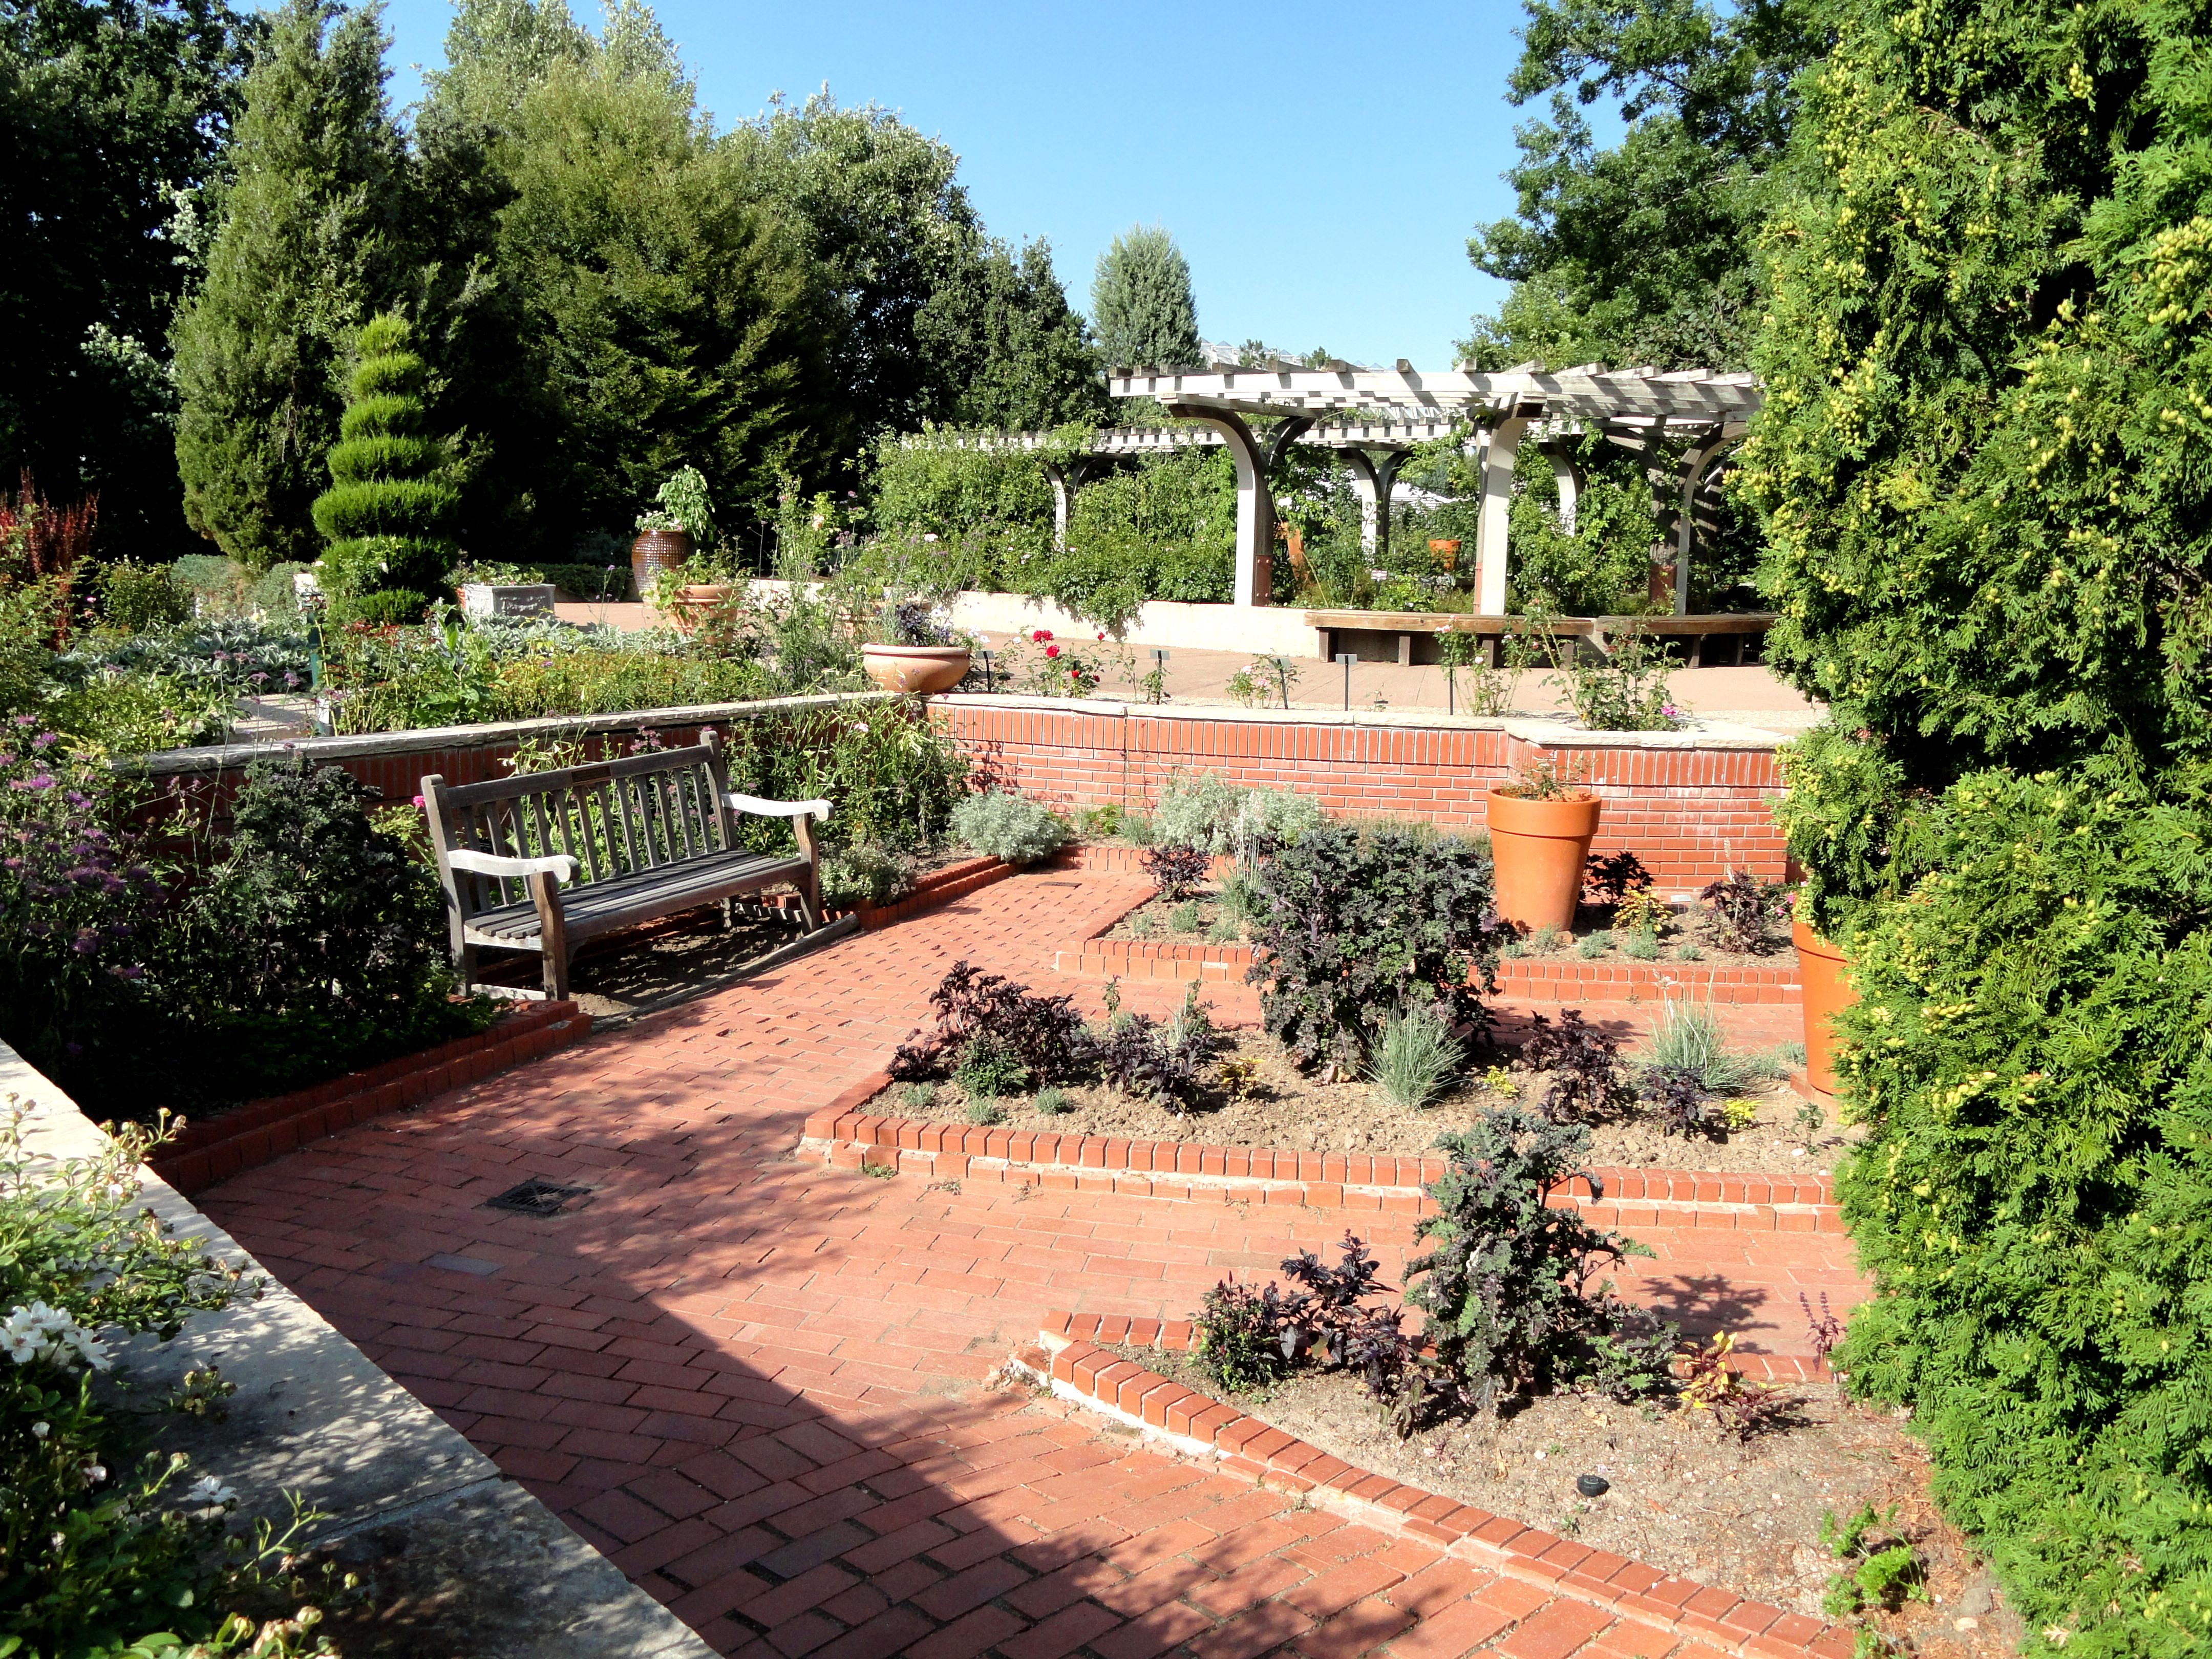 File:Denver Botanic Gardens   DSC01070.JPG